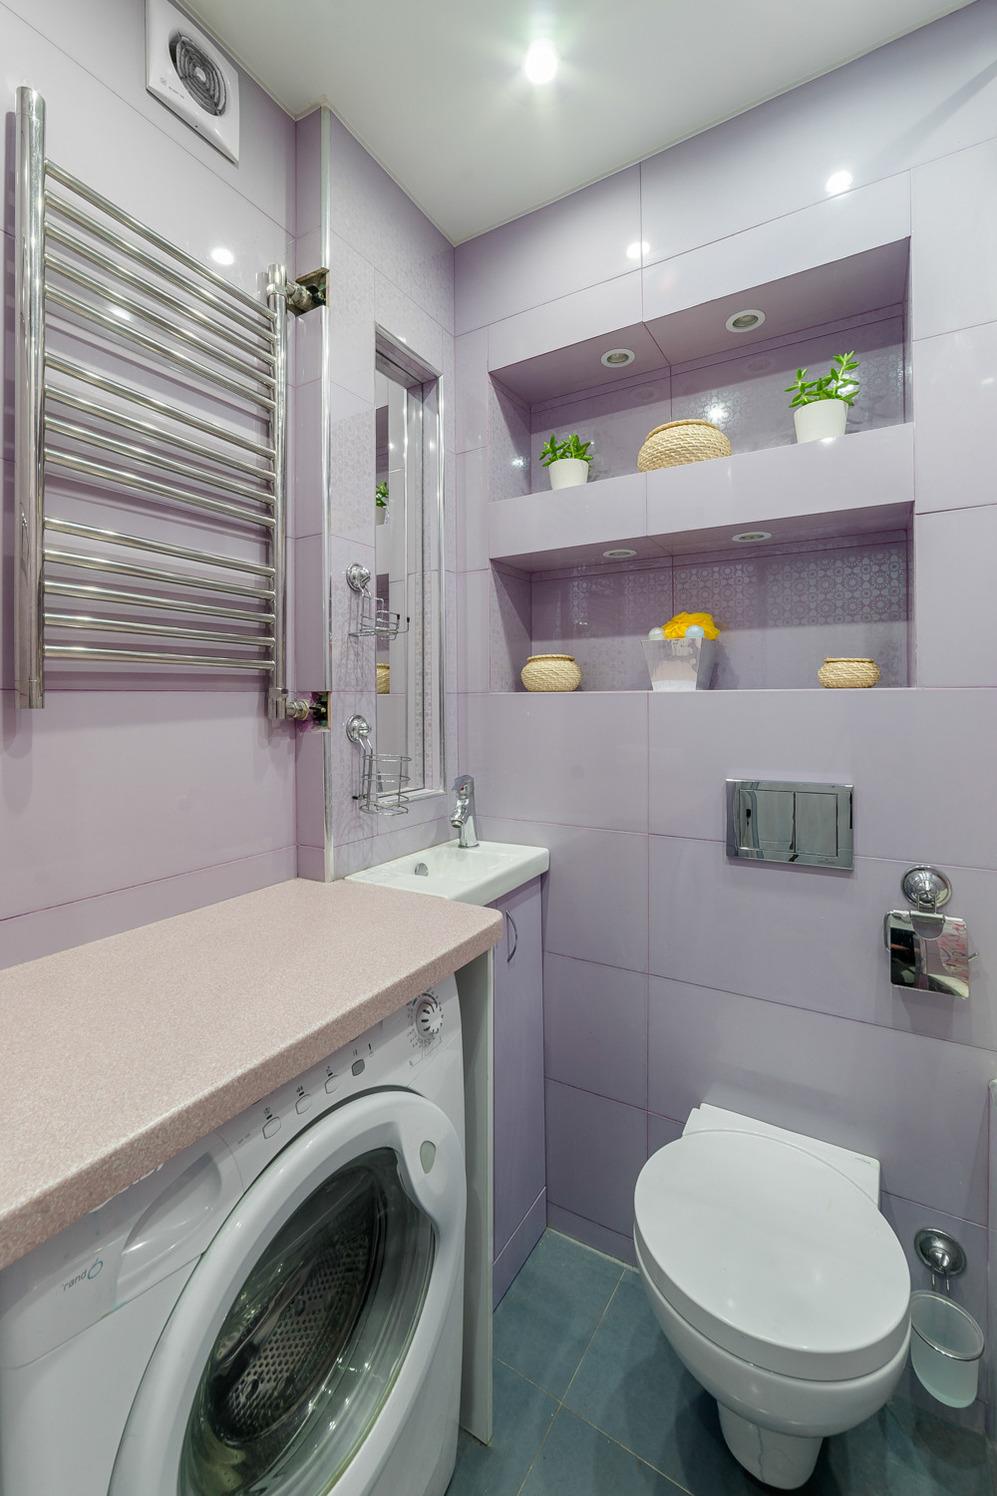 Лиловая плитка в оформлении ванной